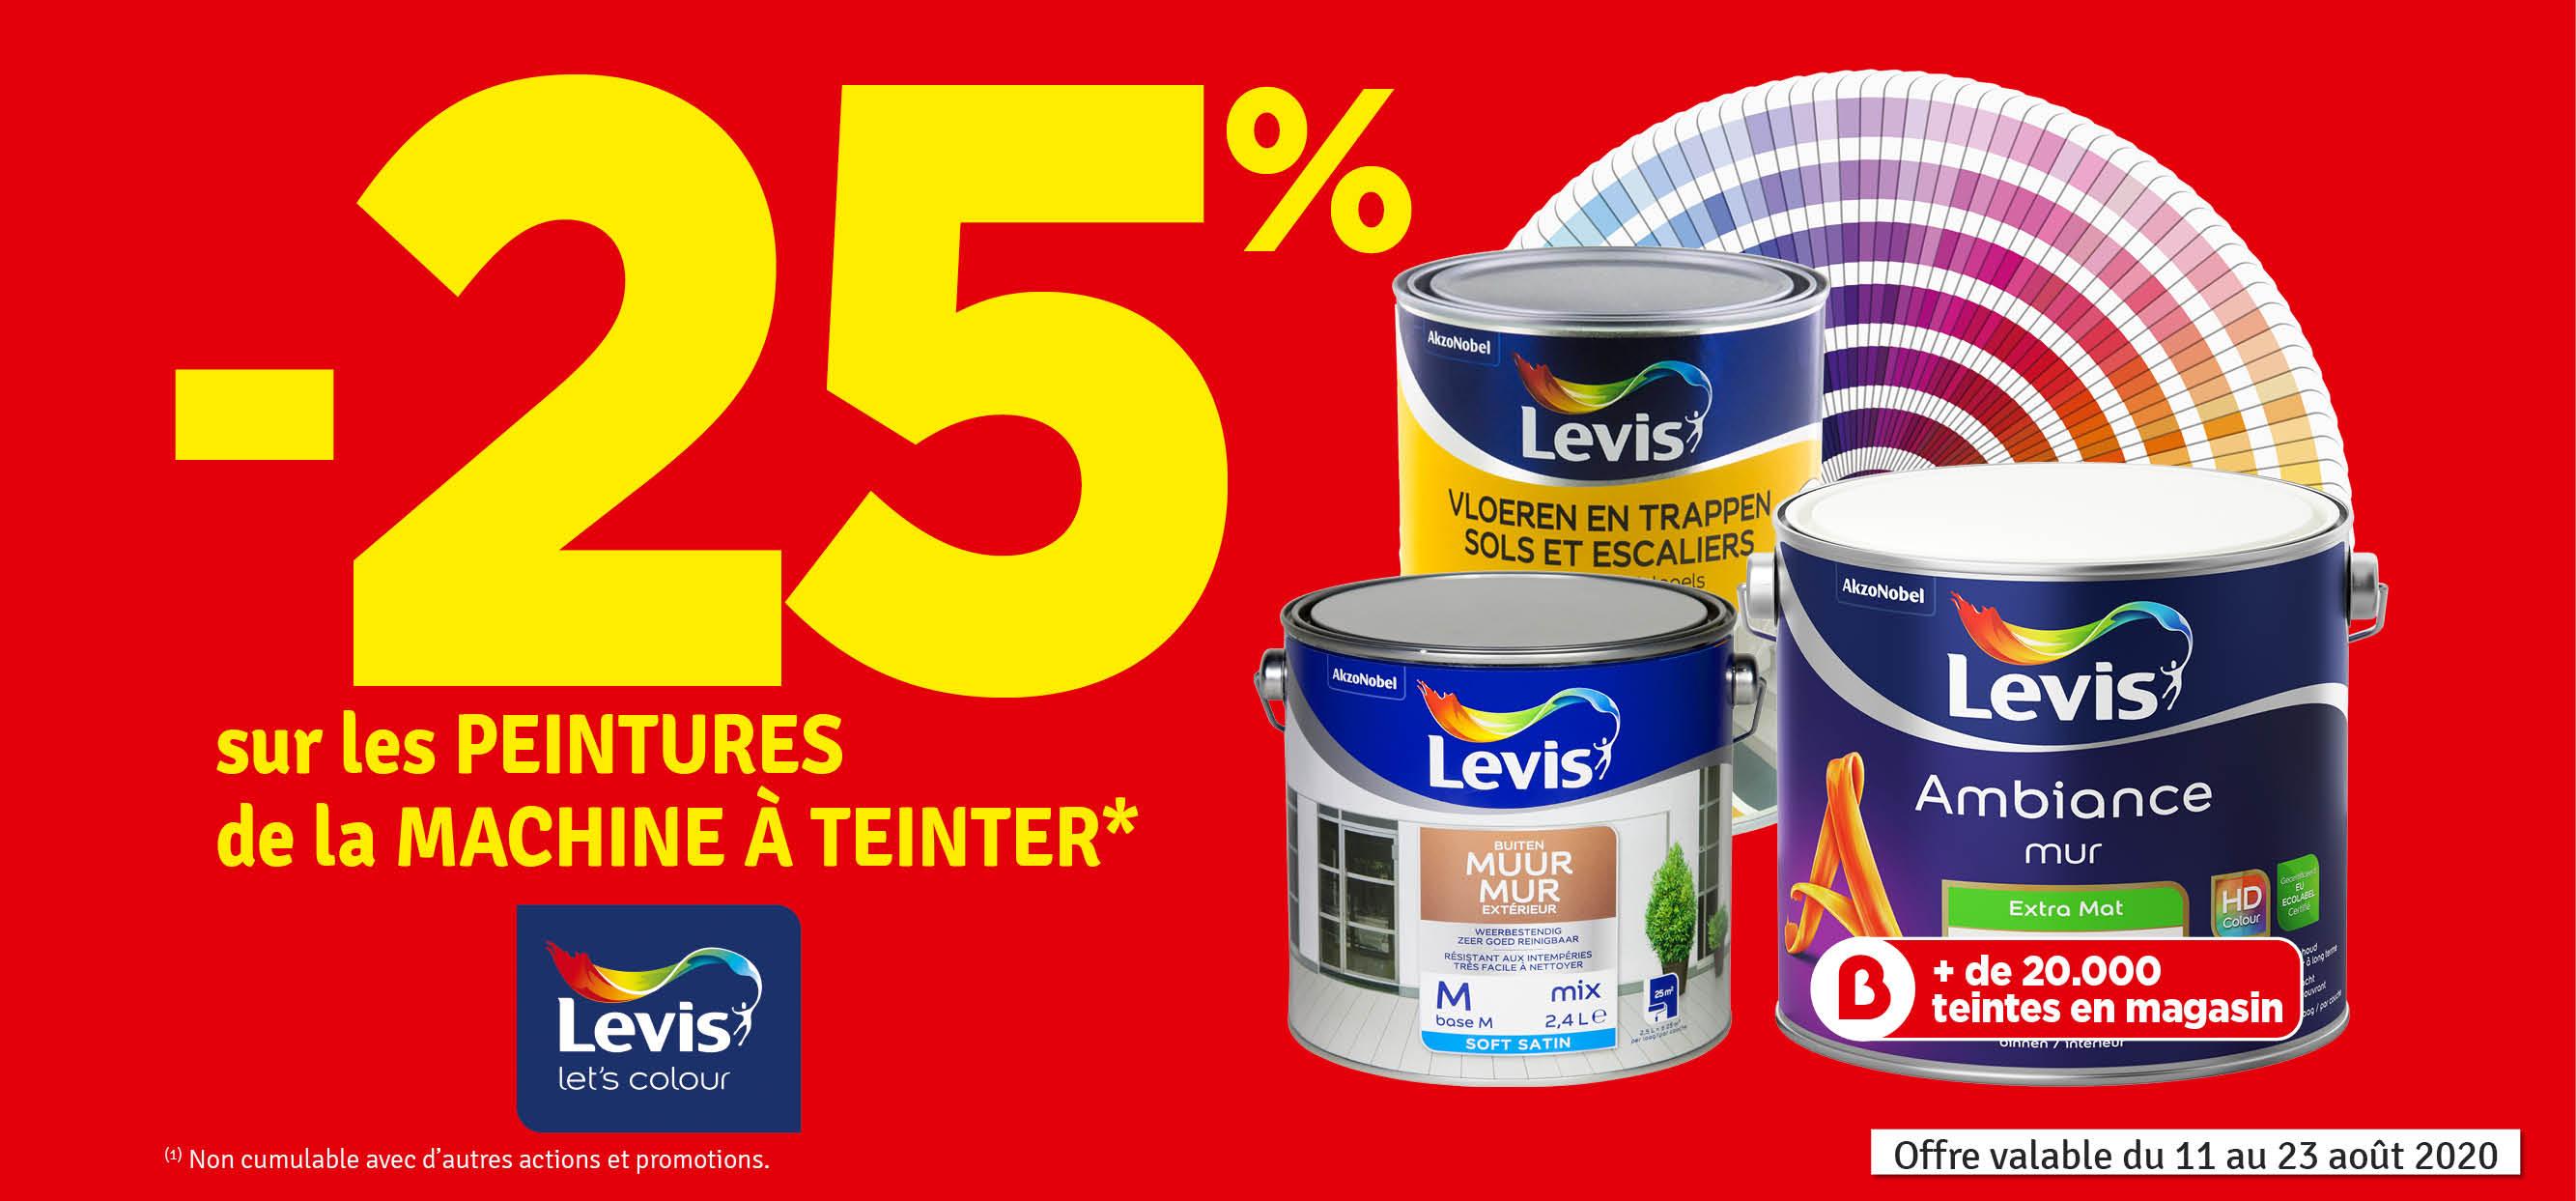 Promo - -25 % sur la machine à teinter LEVIS